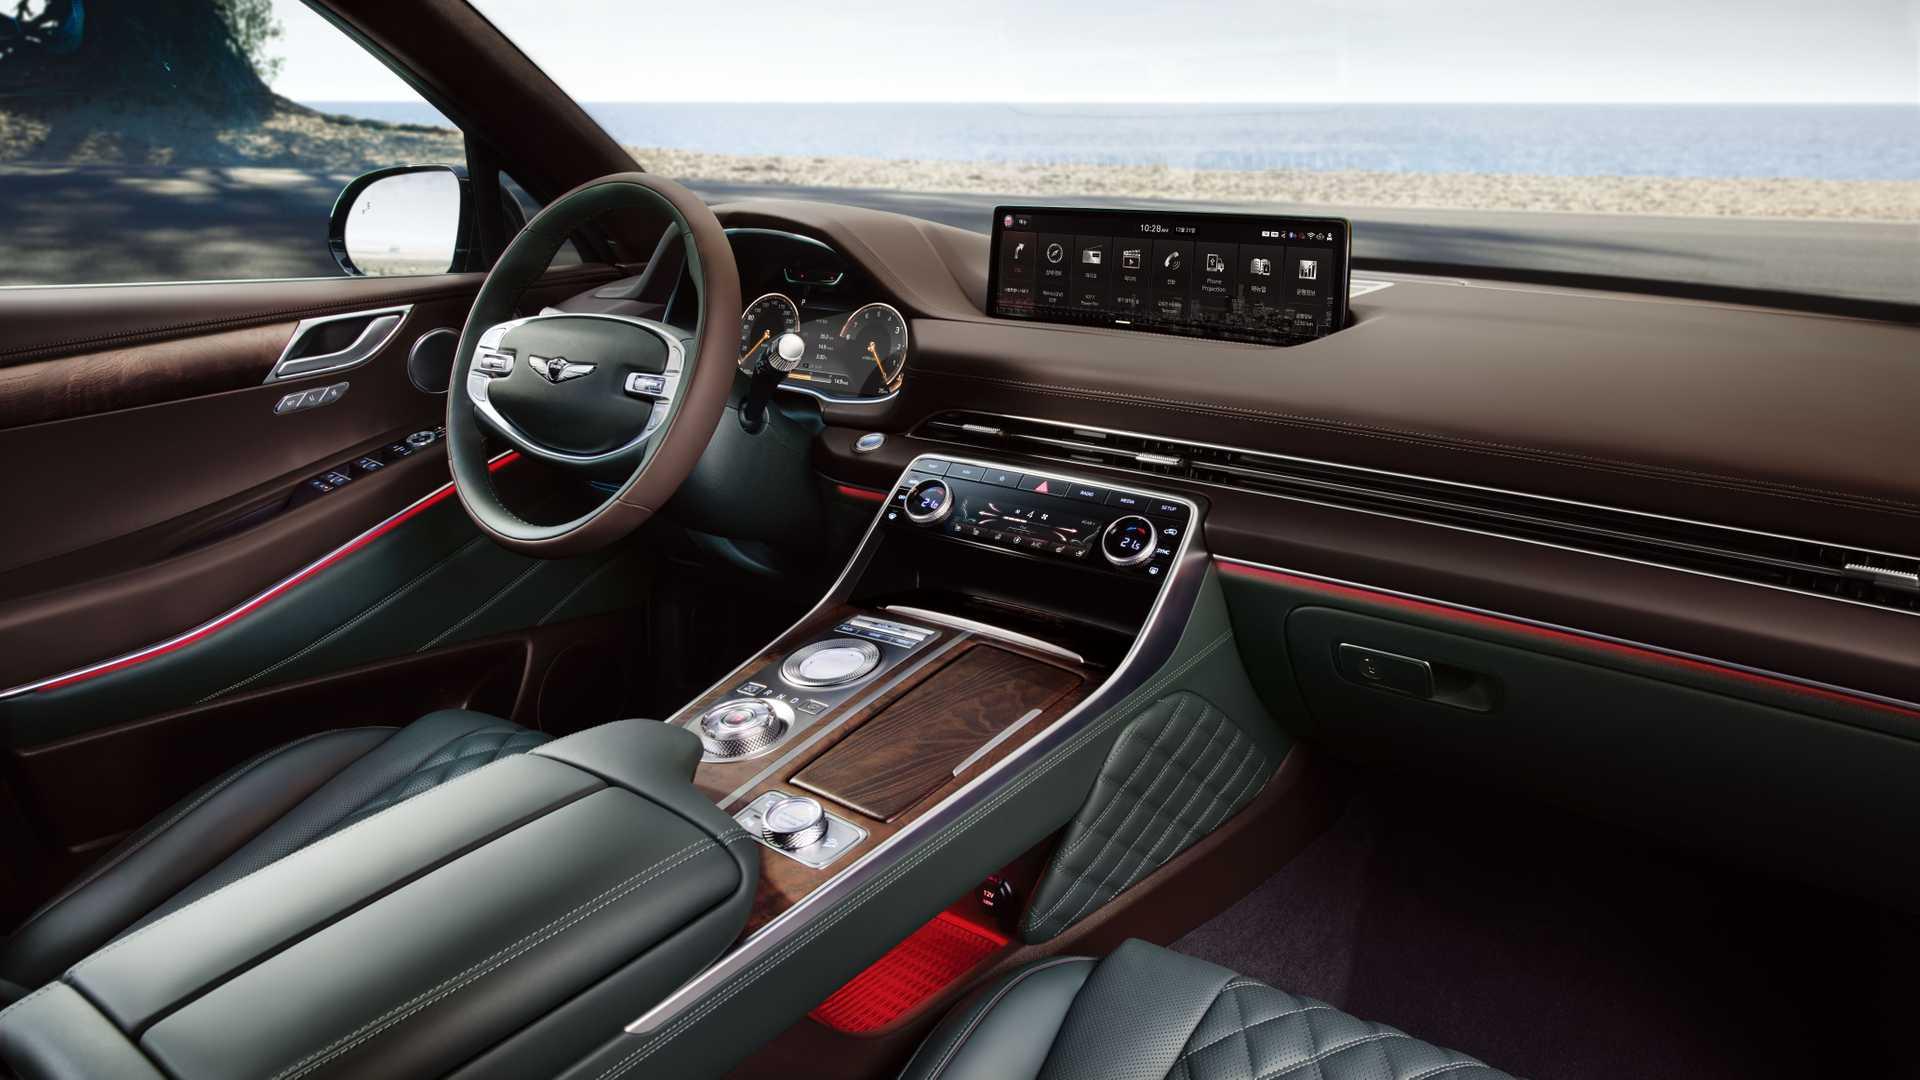 زمان معرفی خودرو شاسیبلند فوق لوکس در آمریکا مشخص شد